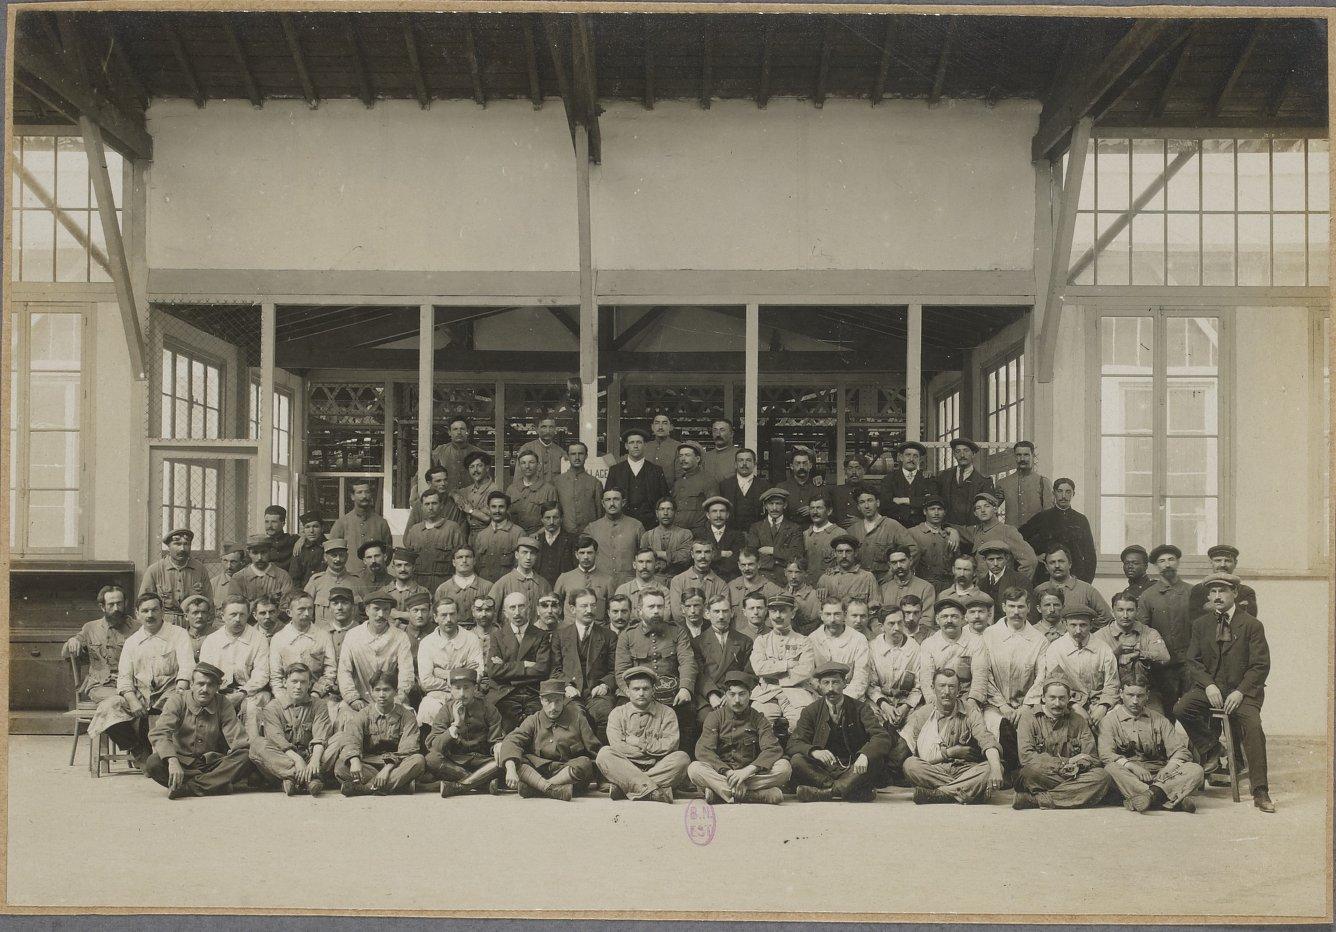 Обитатели и персонал заведения. 1 окт 1917